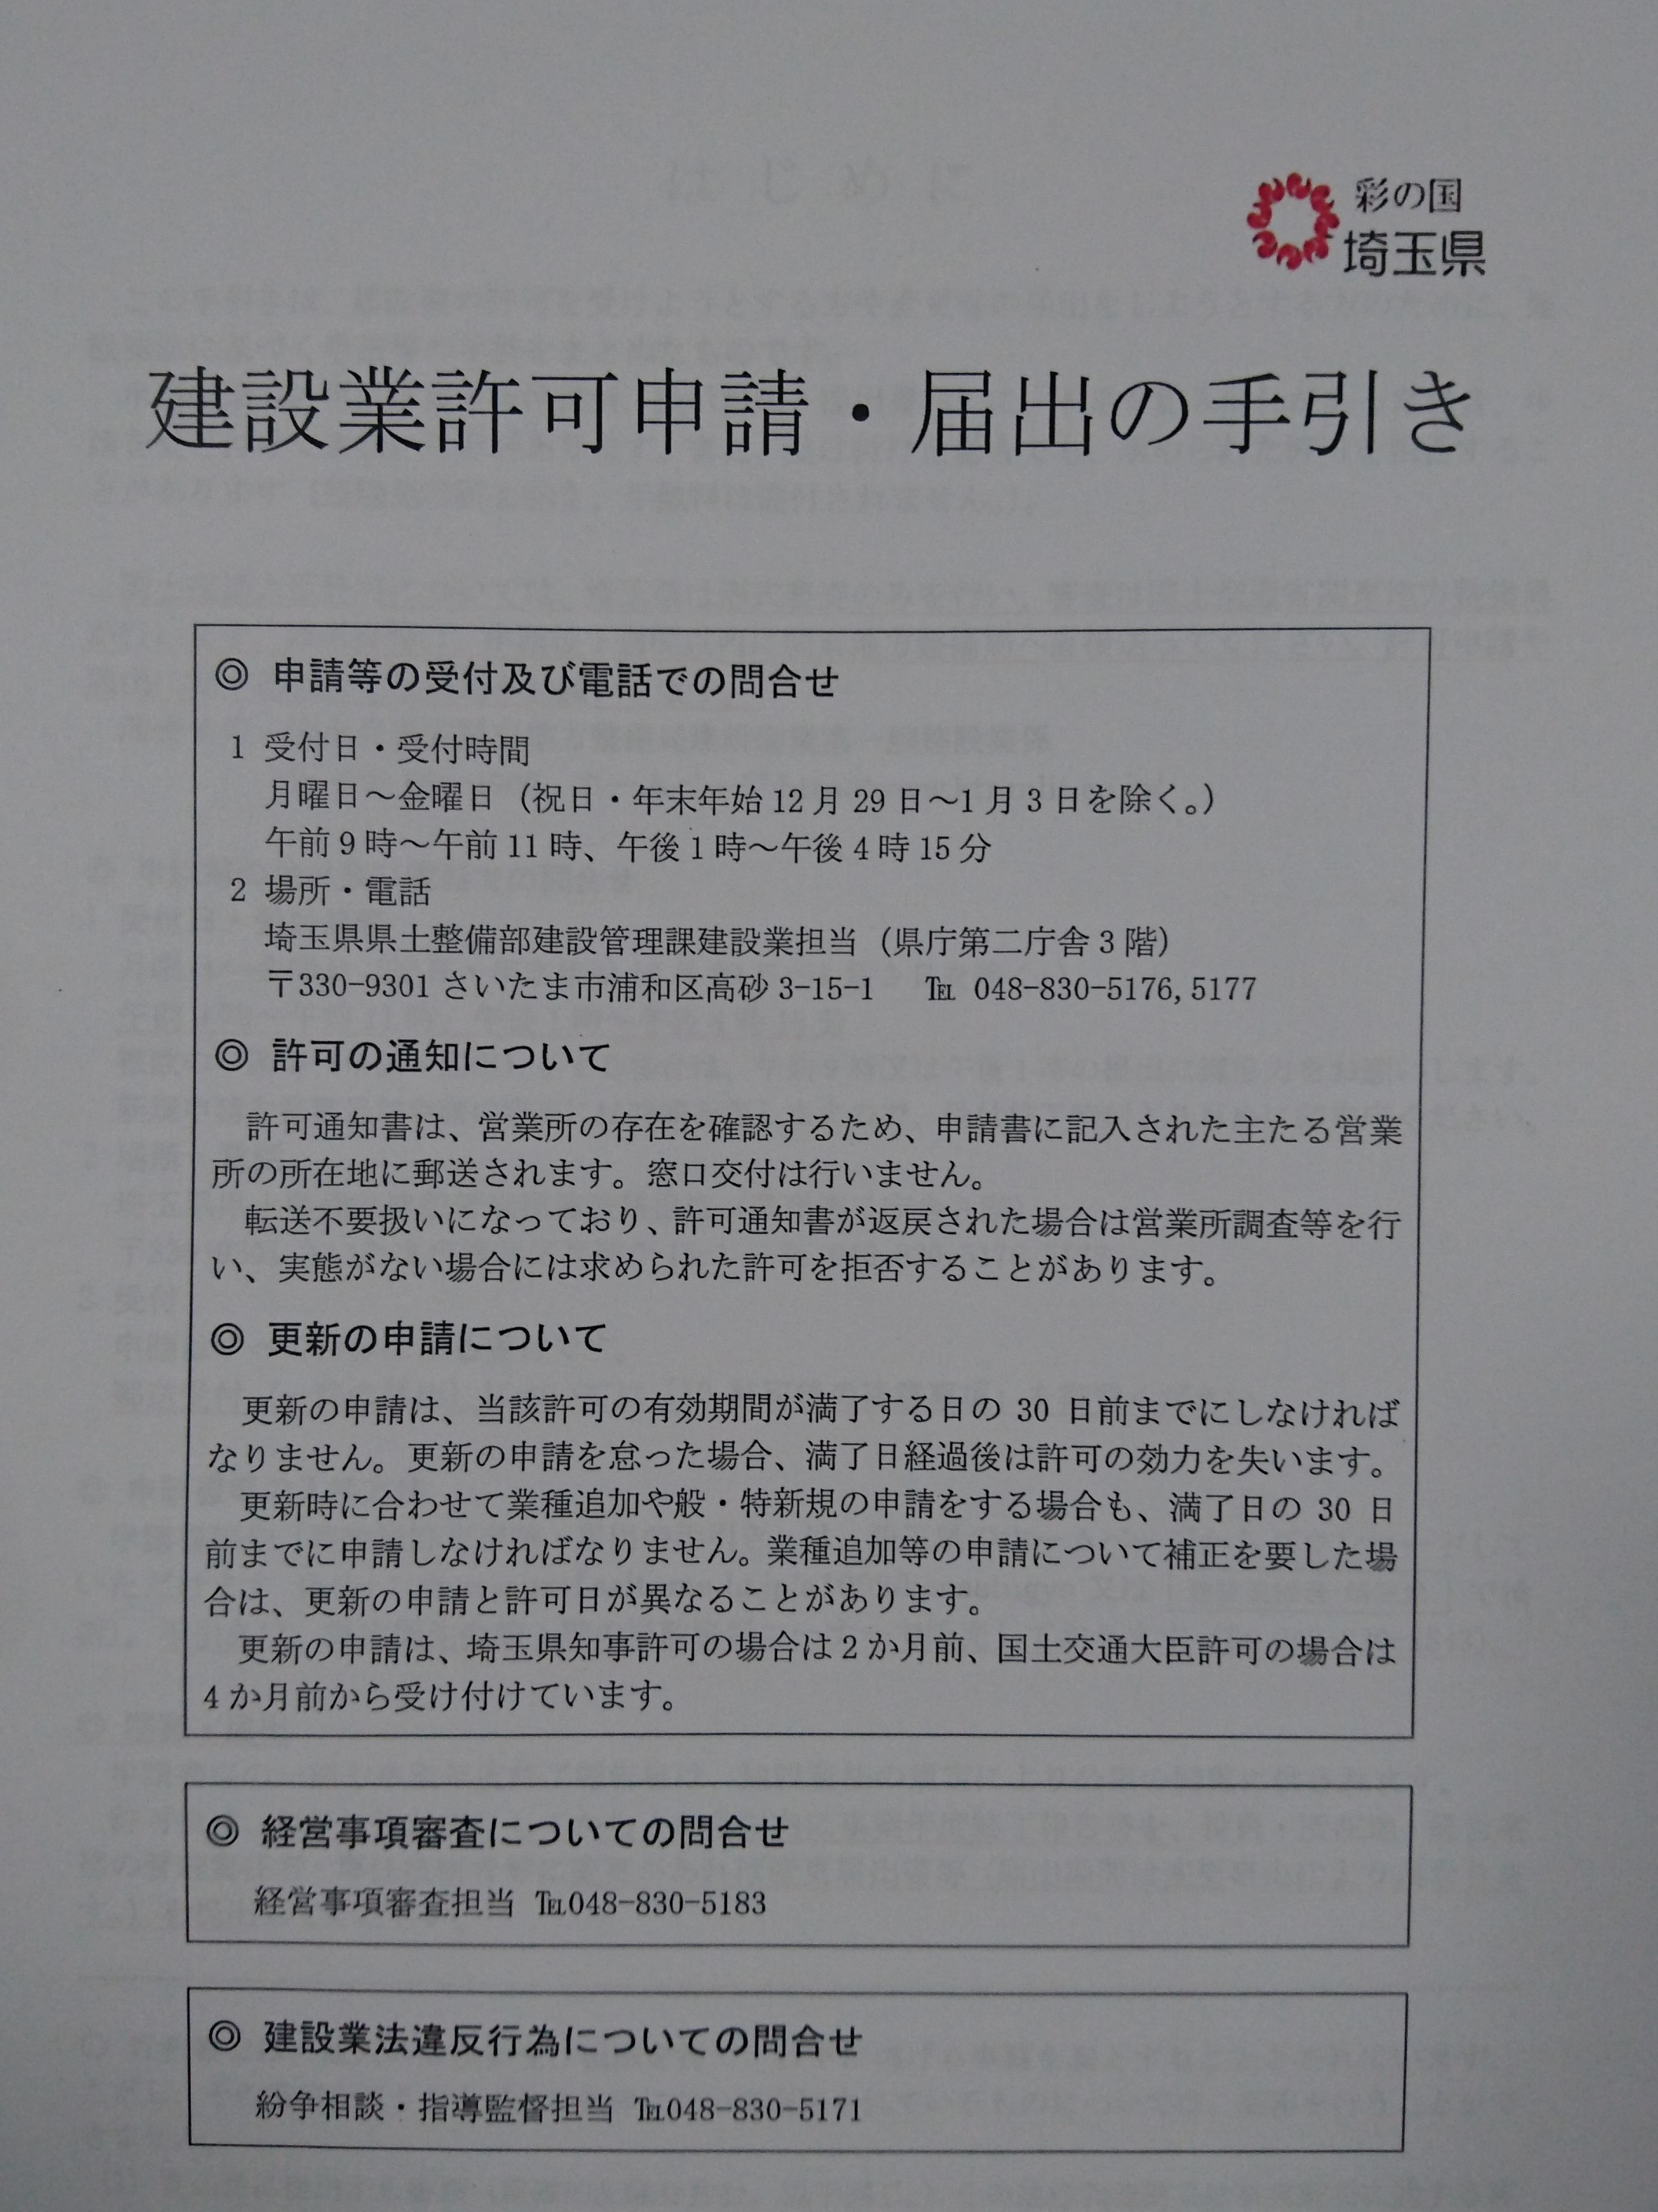 埼玉県建設業手続きの手引きです。